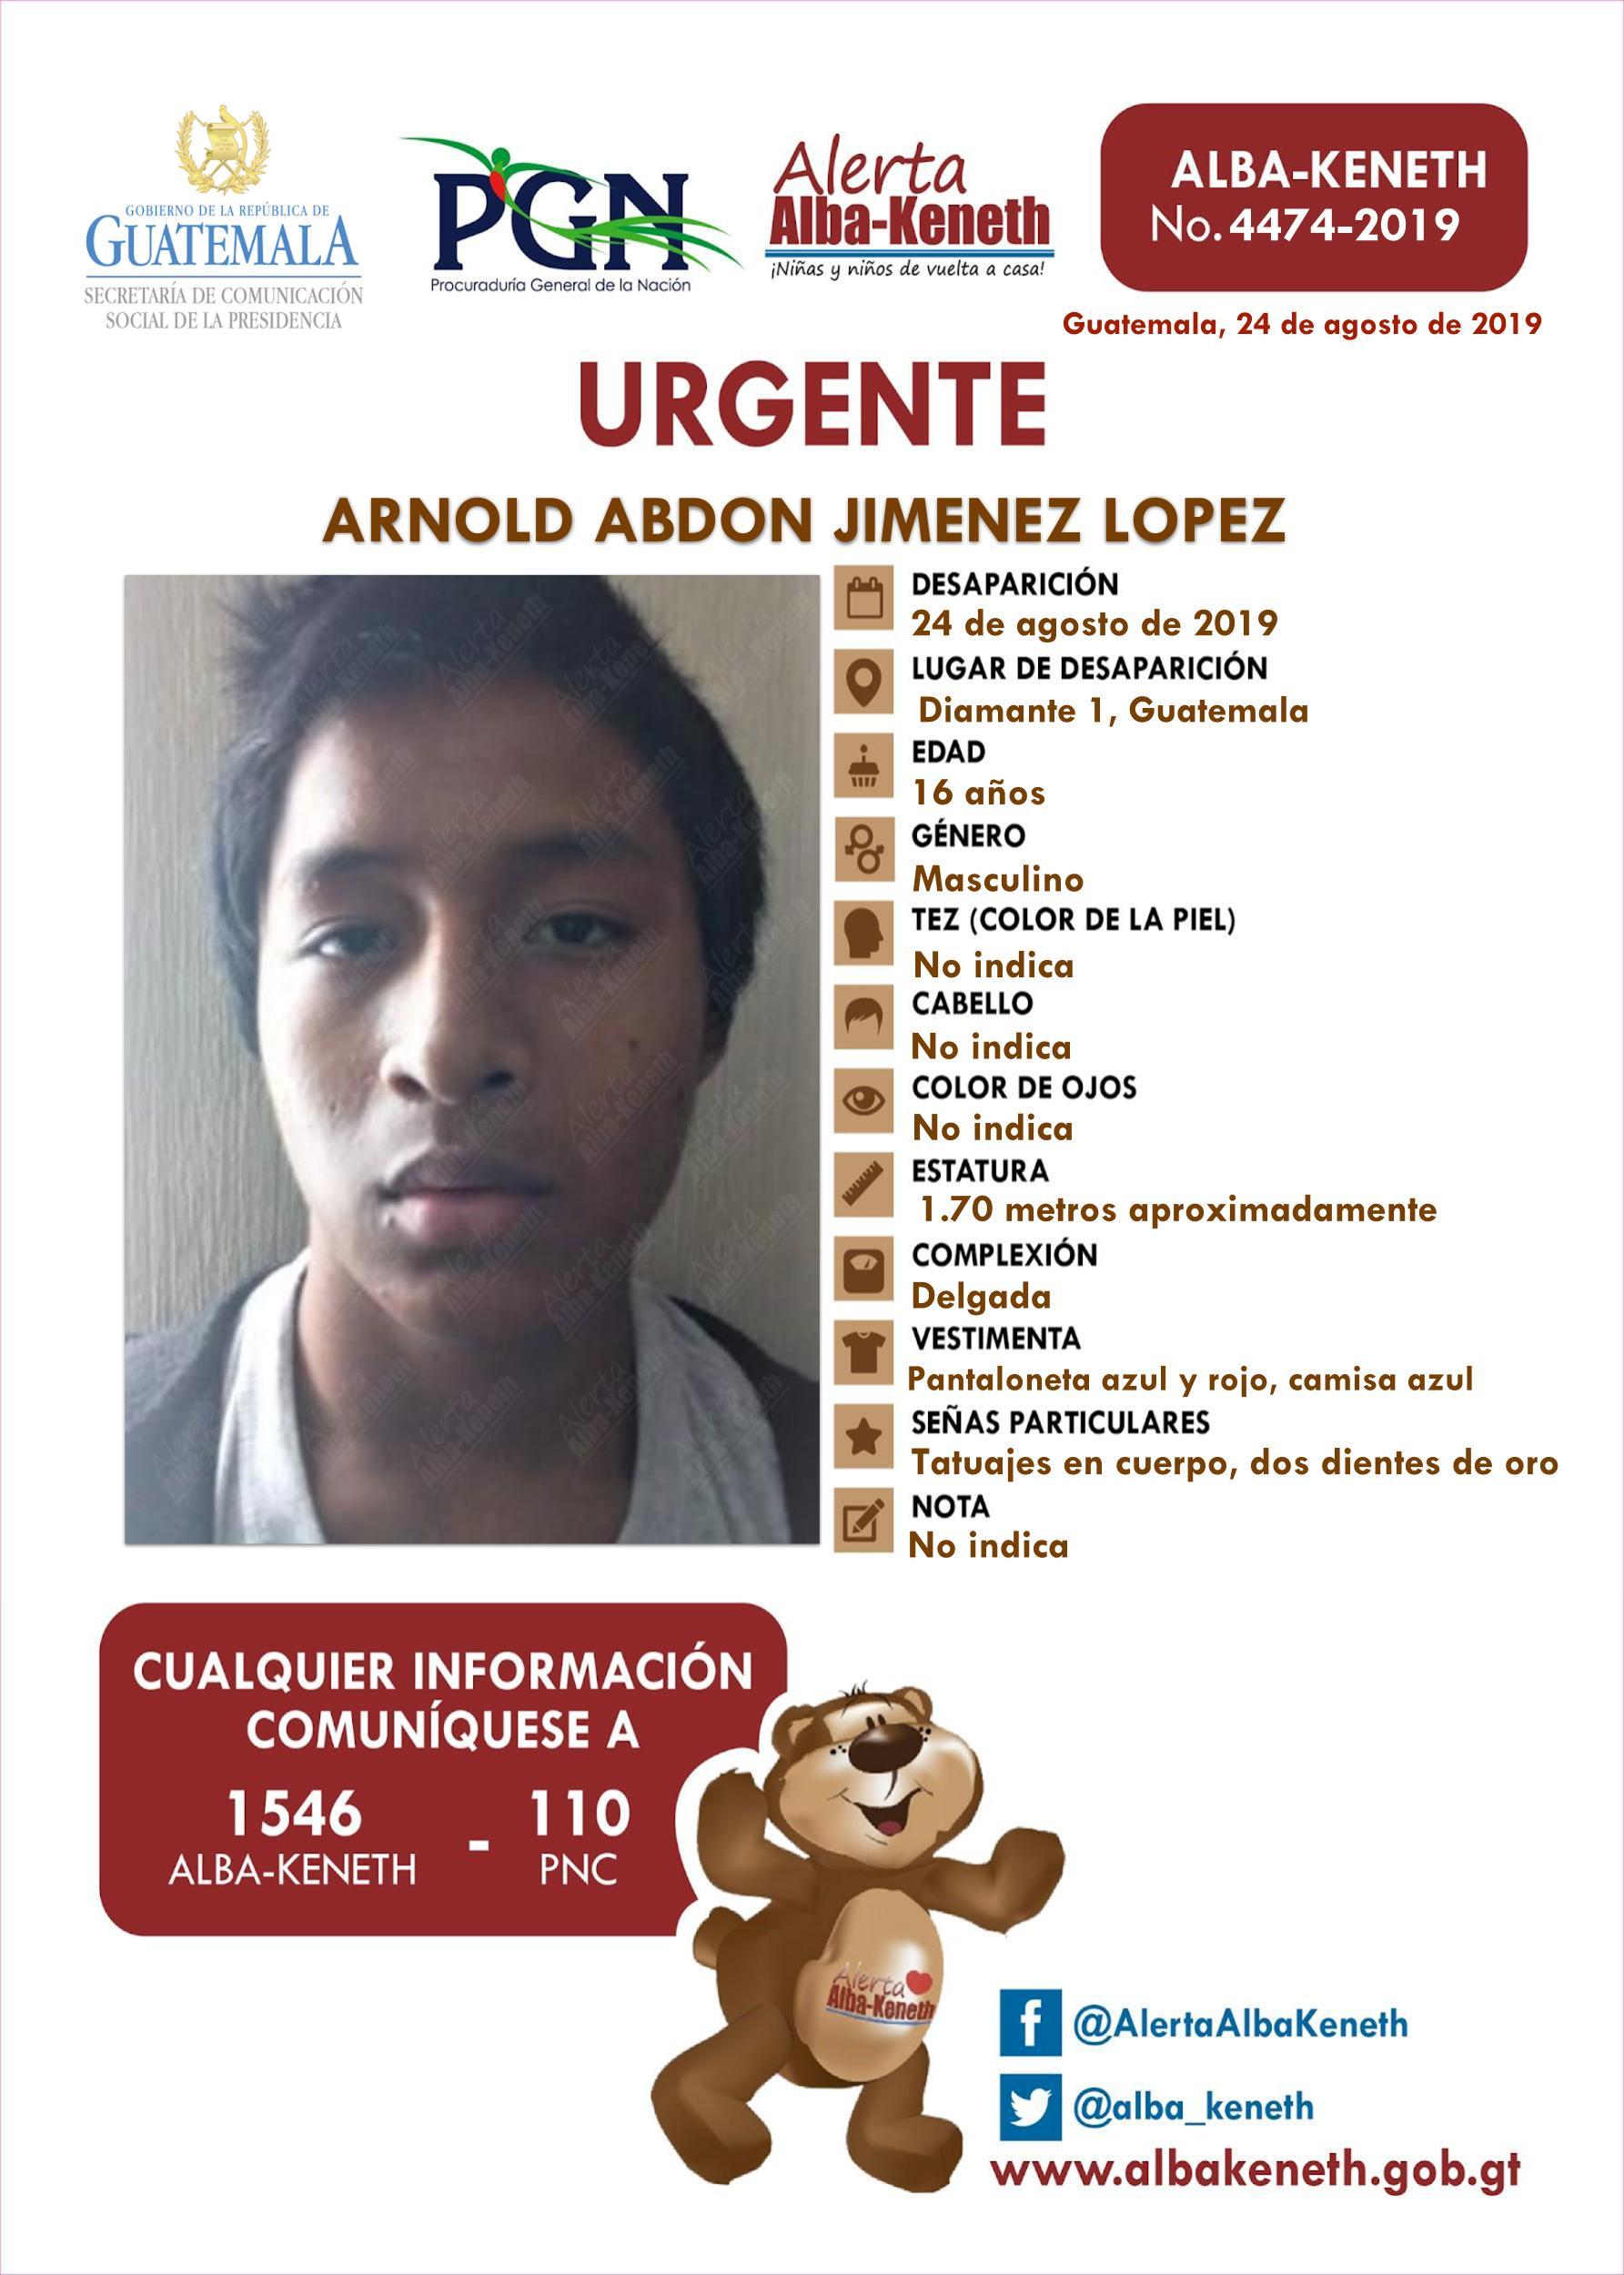 Arnold Abdon Jimenez Lopez